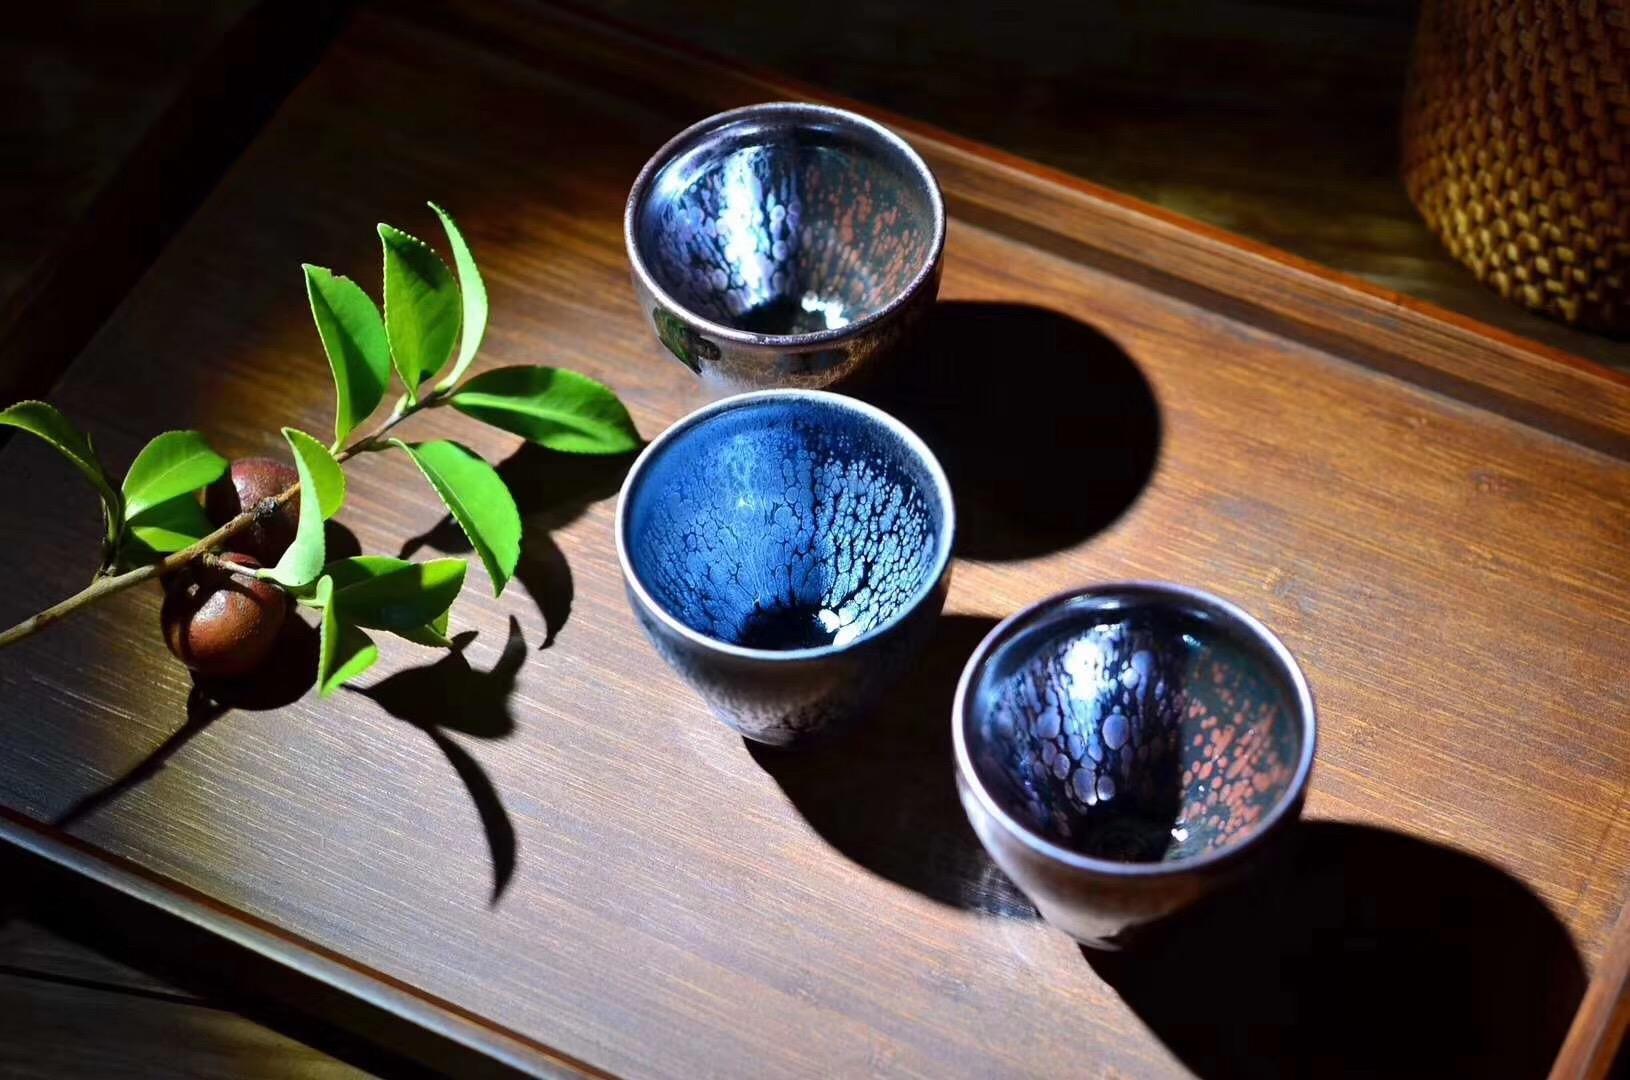 《月如歌》 一口盏  规格:6.2*5.6cm 现货供应  中秋特供50套 王羽芹老师作品